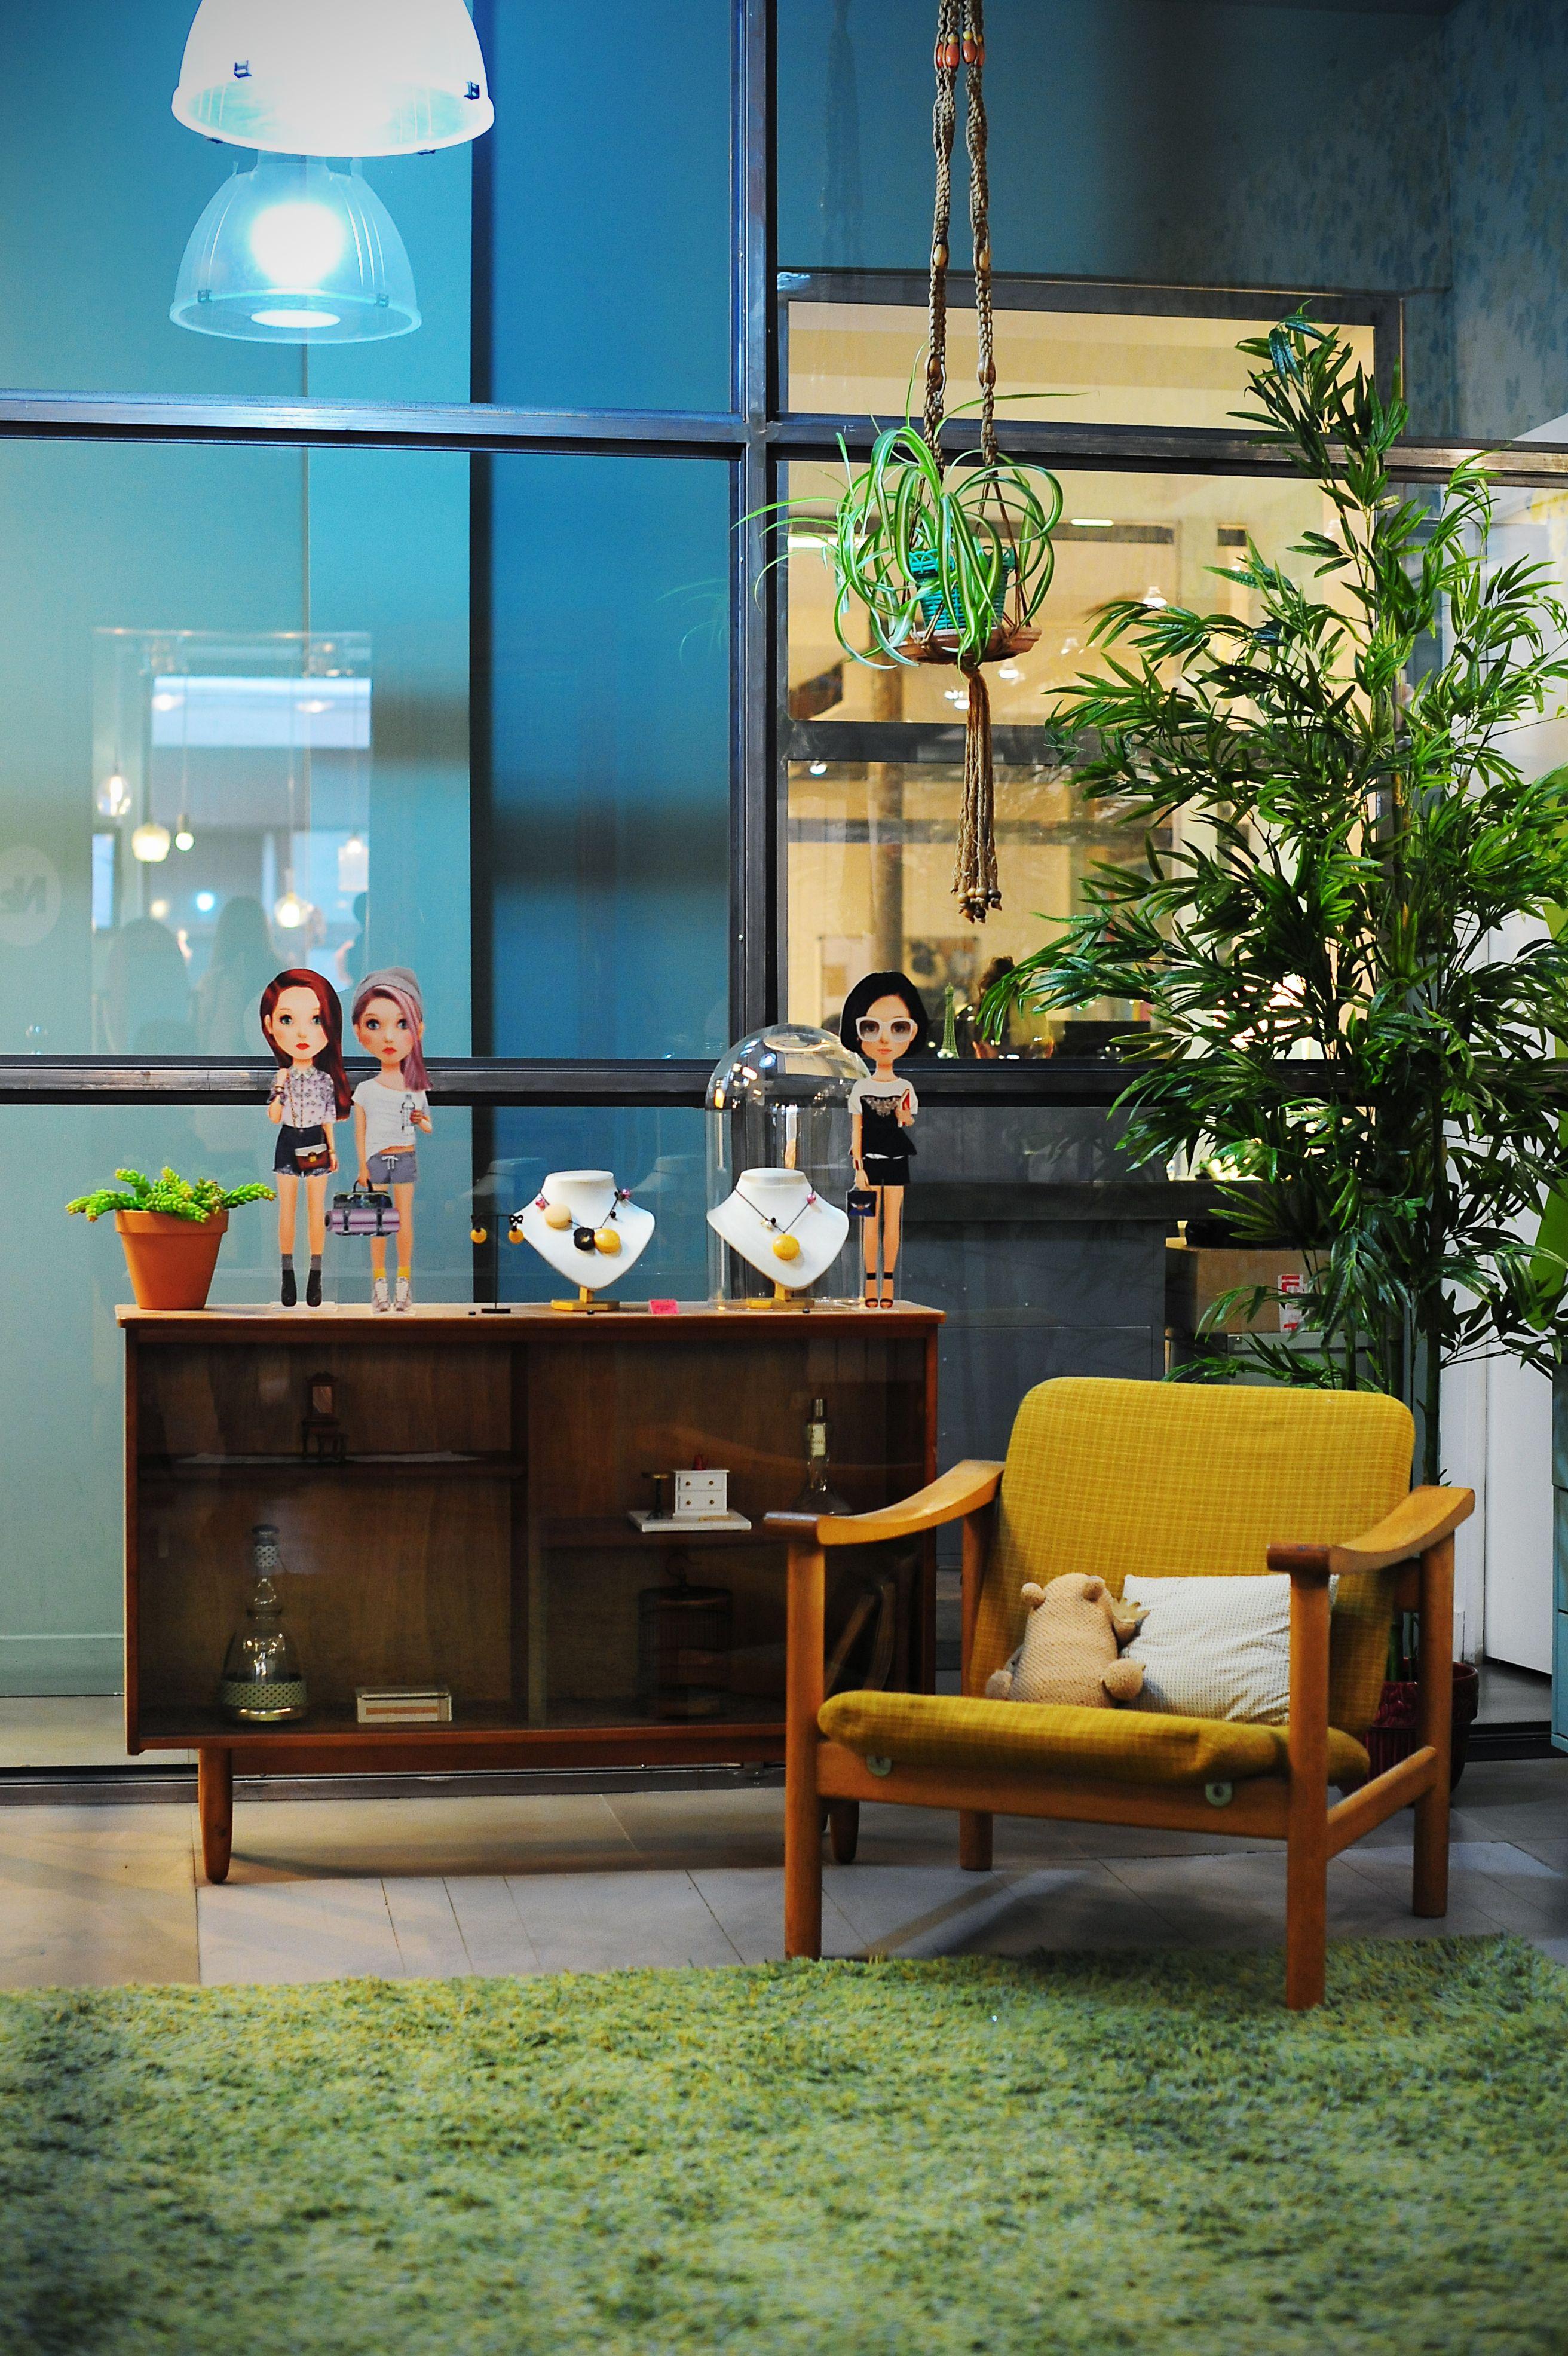 dcoration intrieur boutique n2 paris bijoux fantaisies vitrines meubles vintage - Meubles Vintage Paris